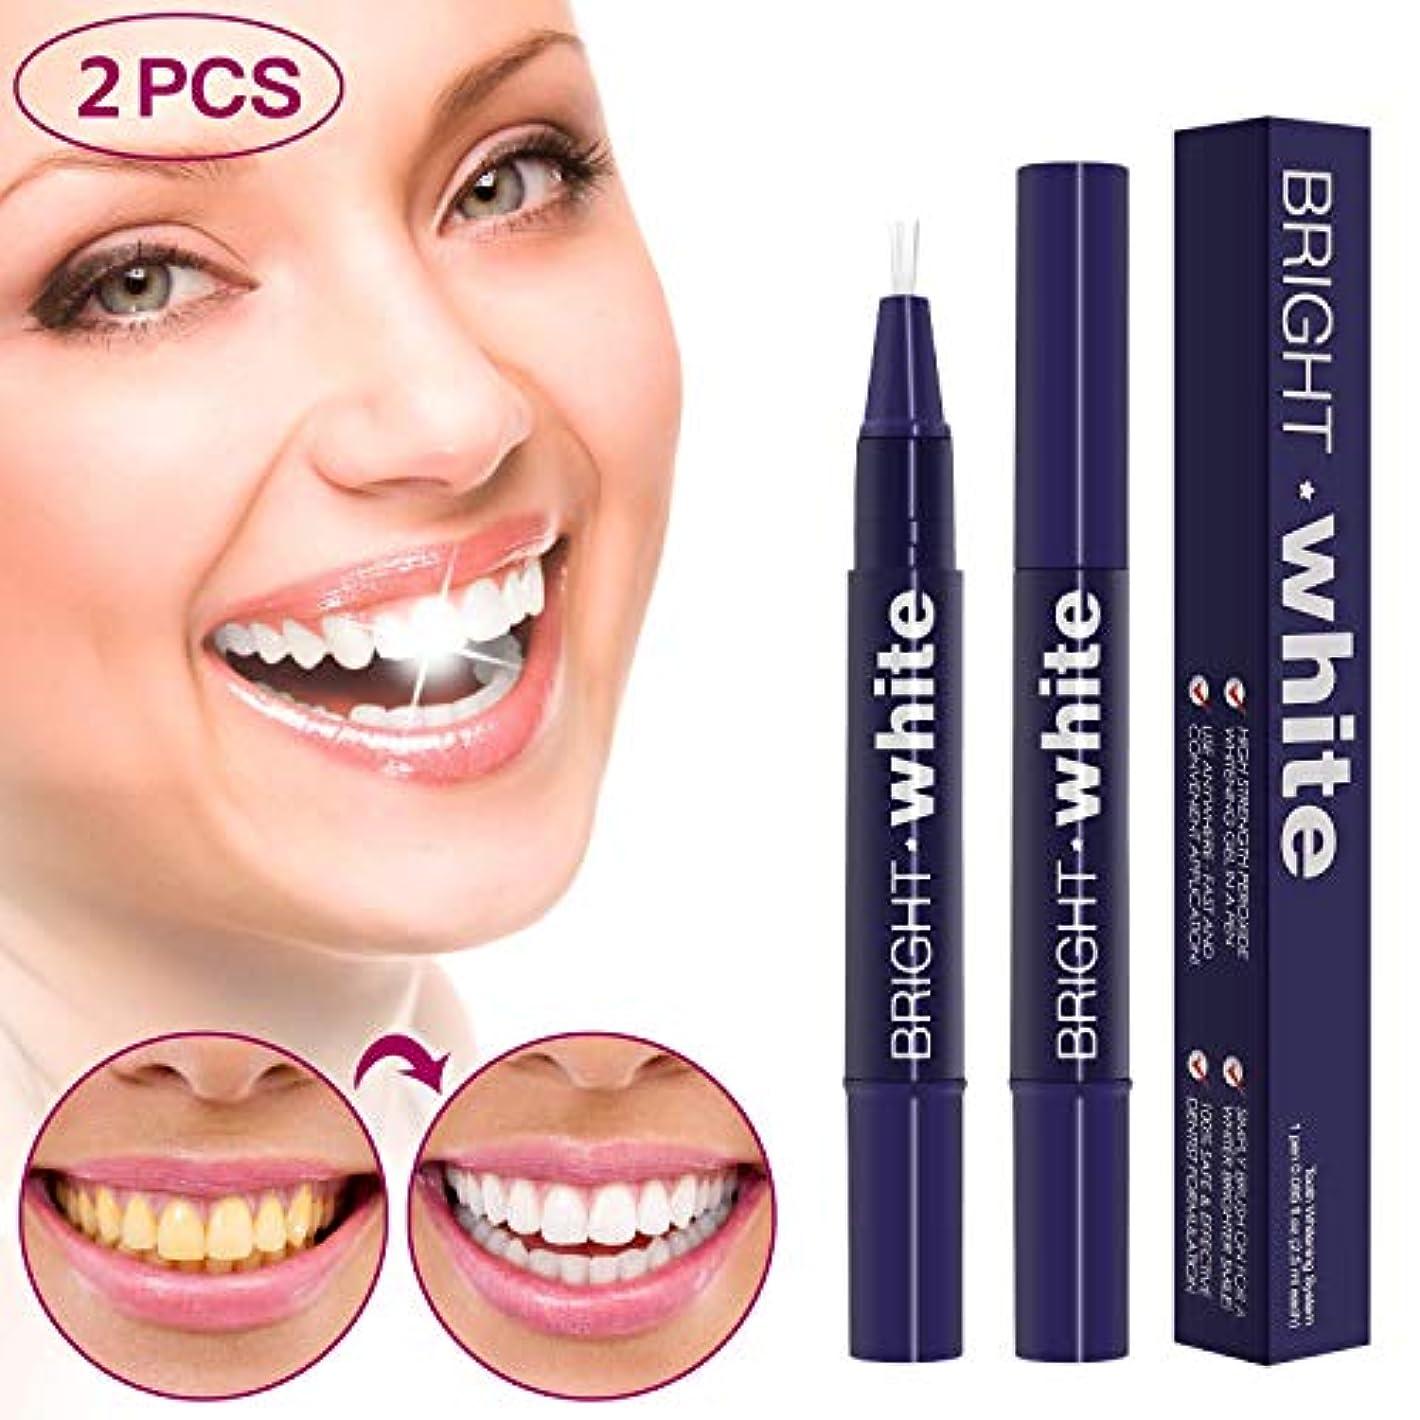 論争達成始めるOdette 2019 歯のホワイトニング 美白歯ゲル 歯 ホワイトニングペン ホワイトニングペン 歯ブラシ 輝く笑顔 口臭防止 歯周病防止 2本 (2pcs)